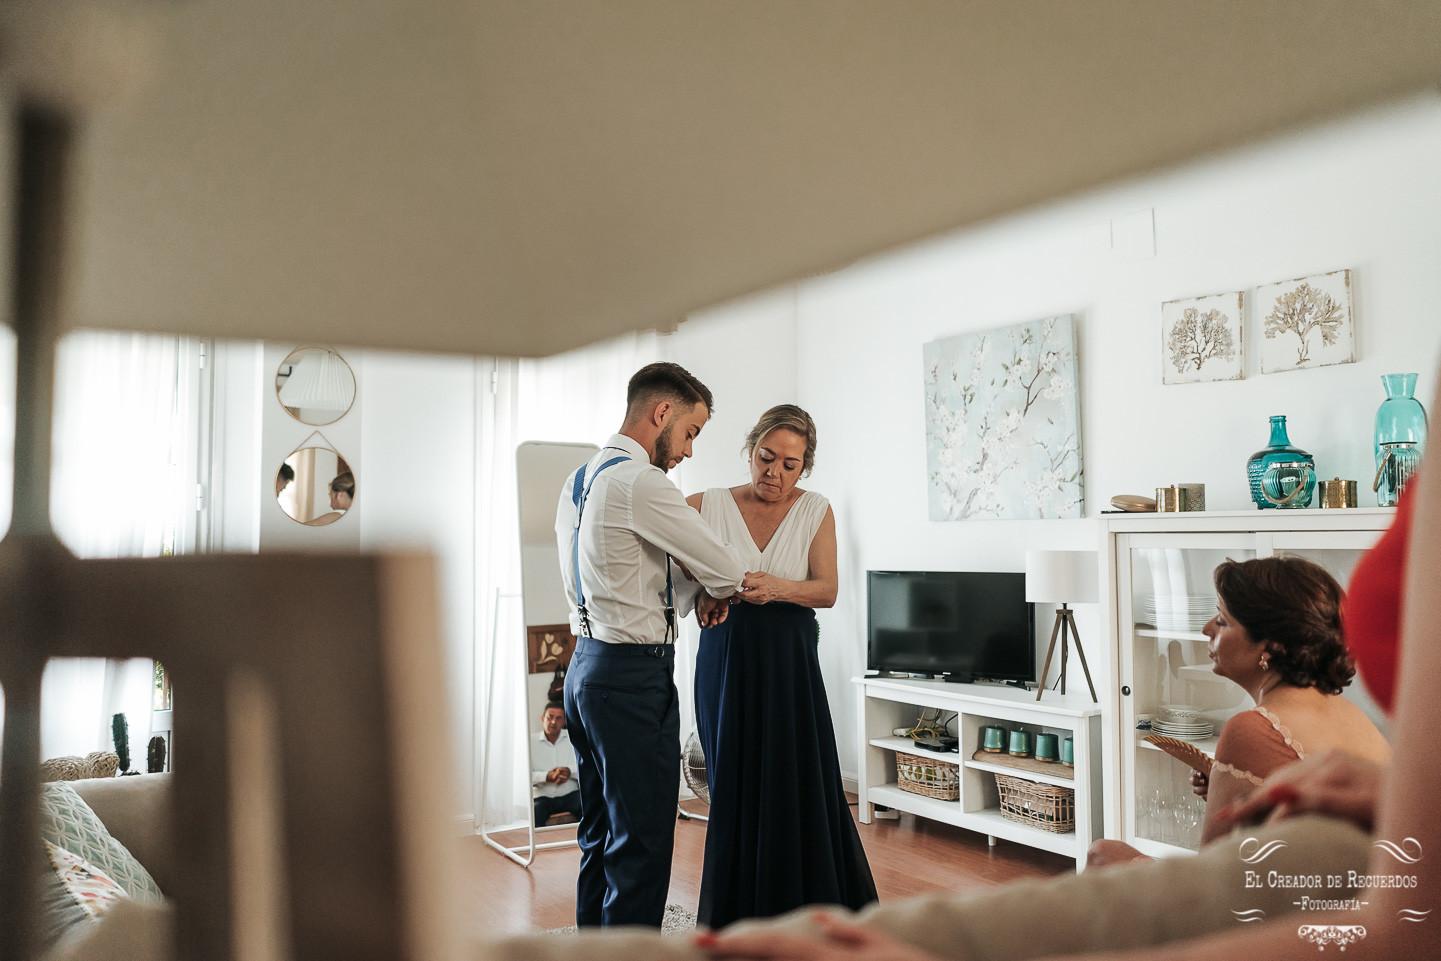 elcreadorderecuerdos-fotógrafo-de-bodas-1